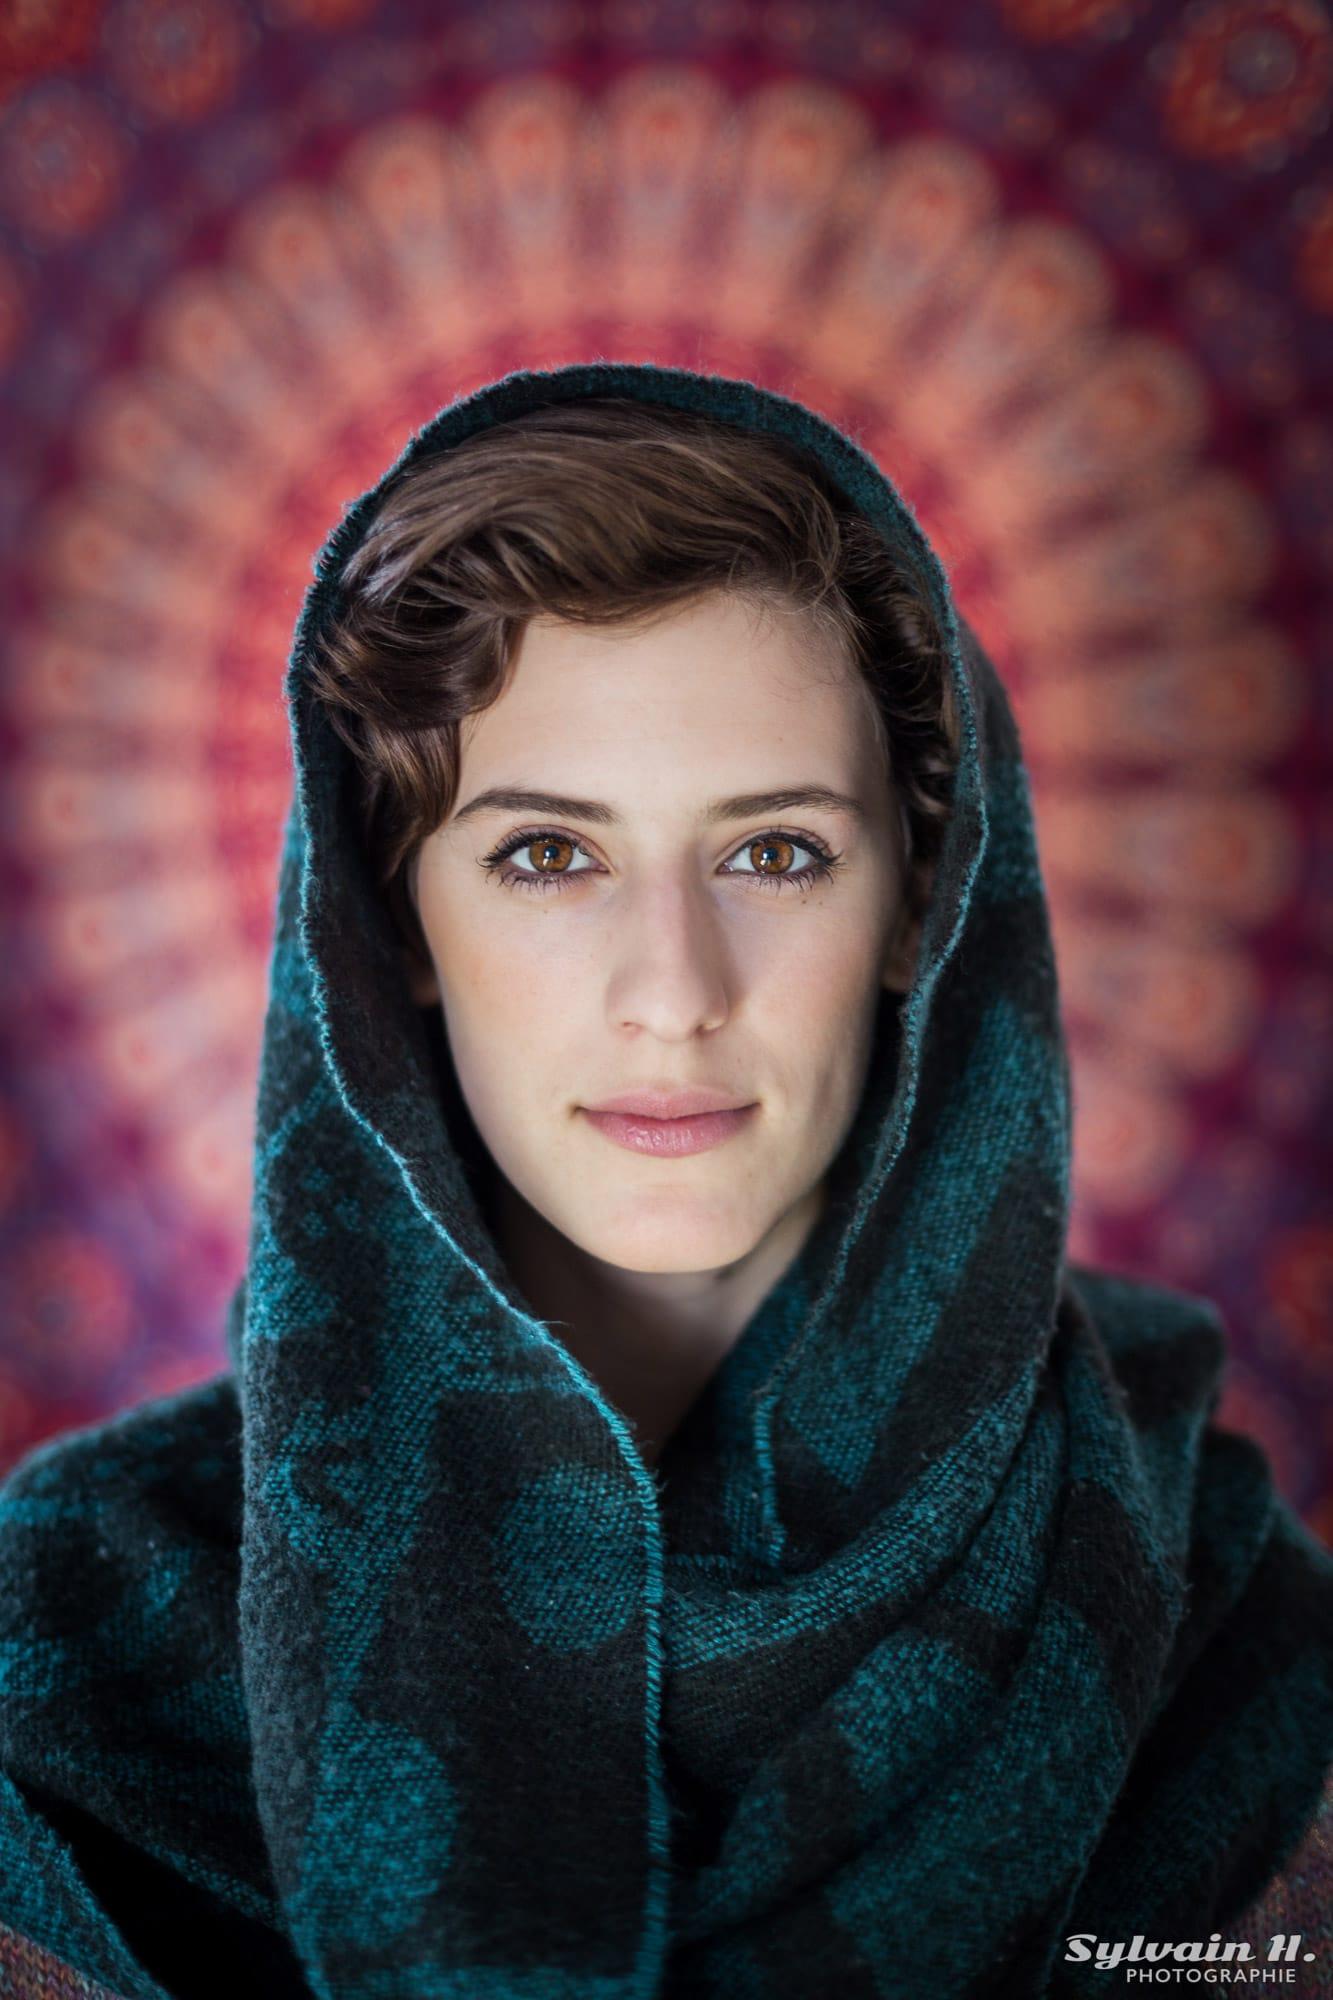 Paris Bastille agence Reuters photo femme photographie portrait visage post traitement exposition paris 2016 UNICEF